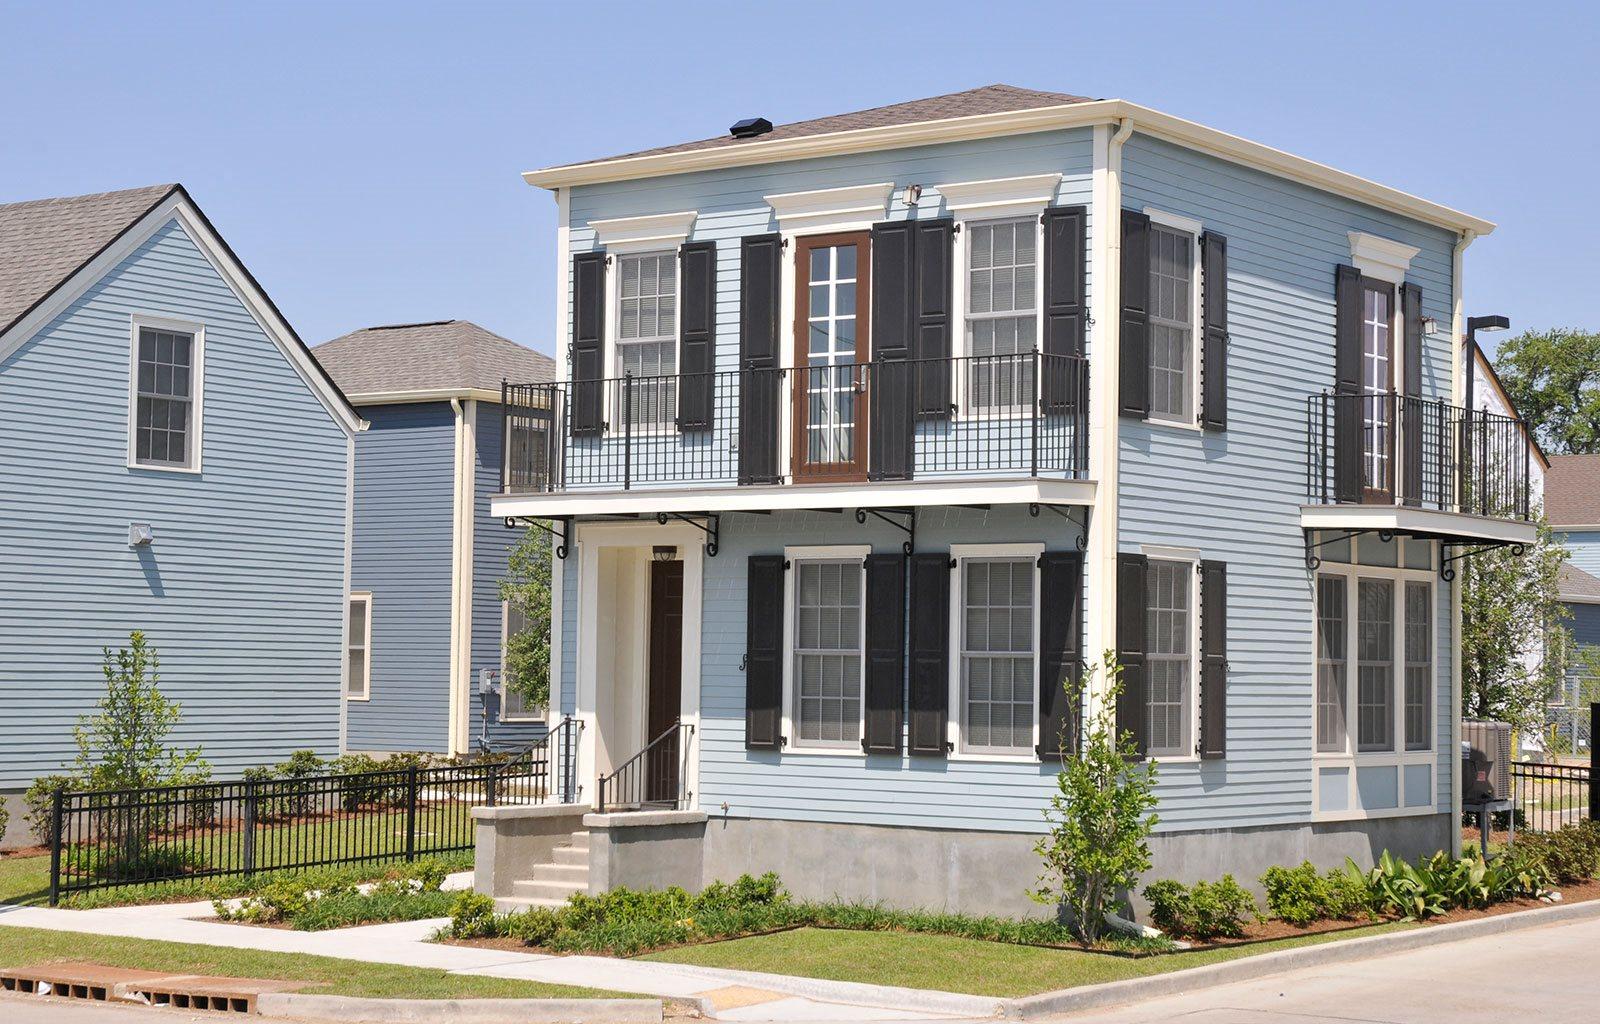 Exterior of building_Lafitte,New Orleans, LA